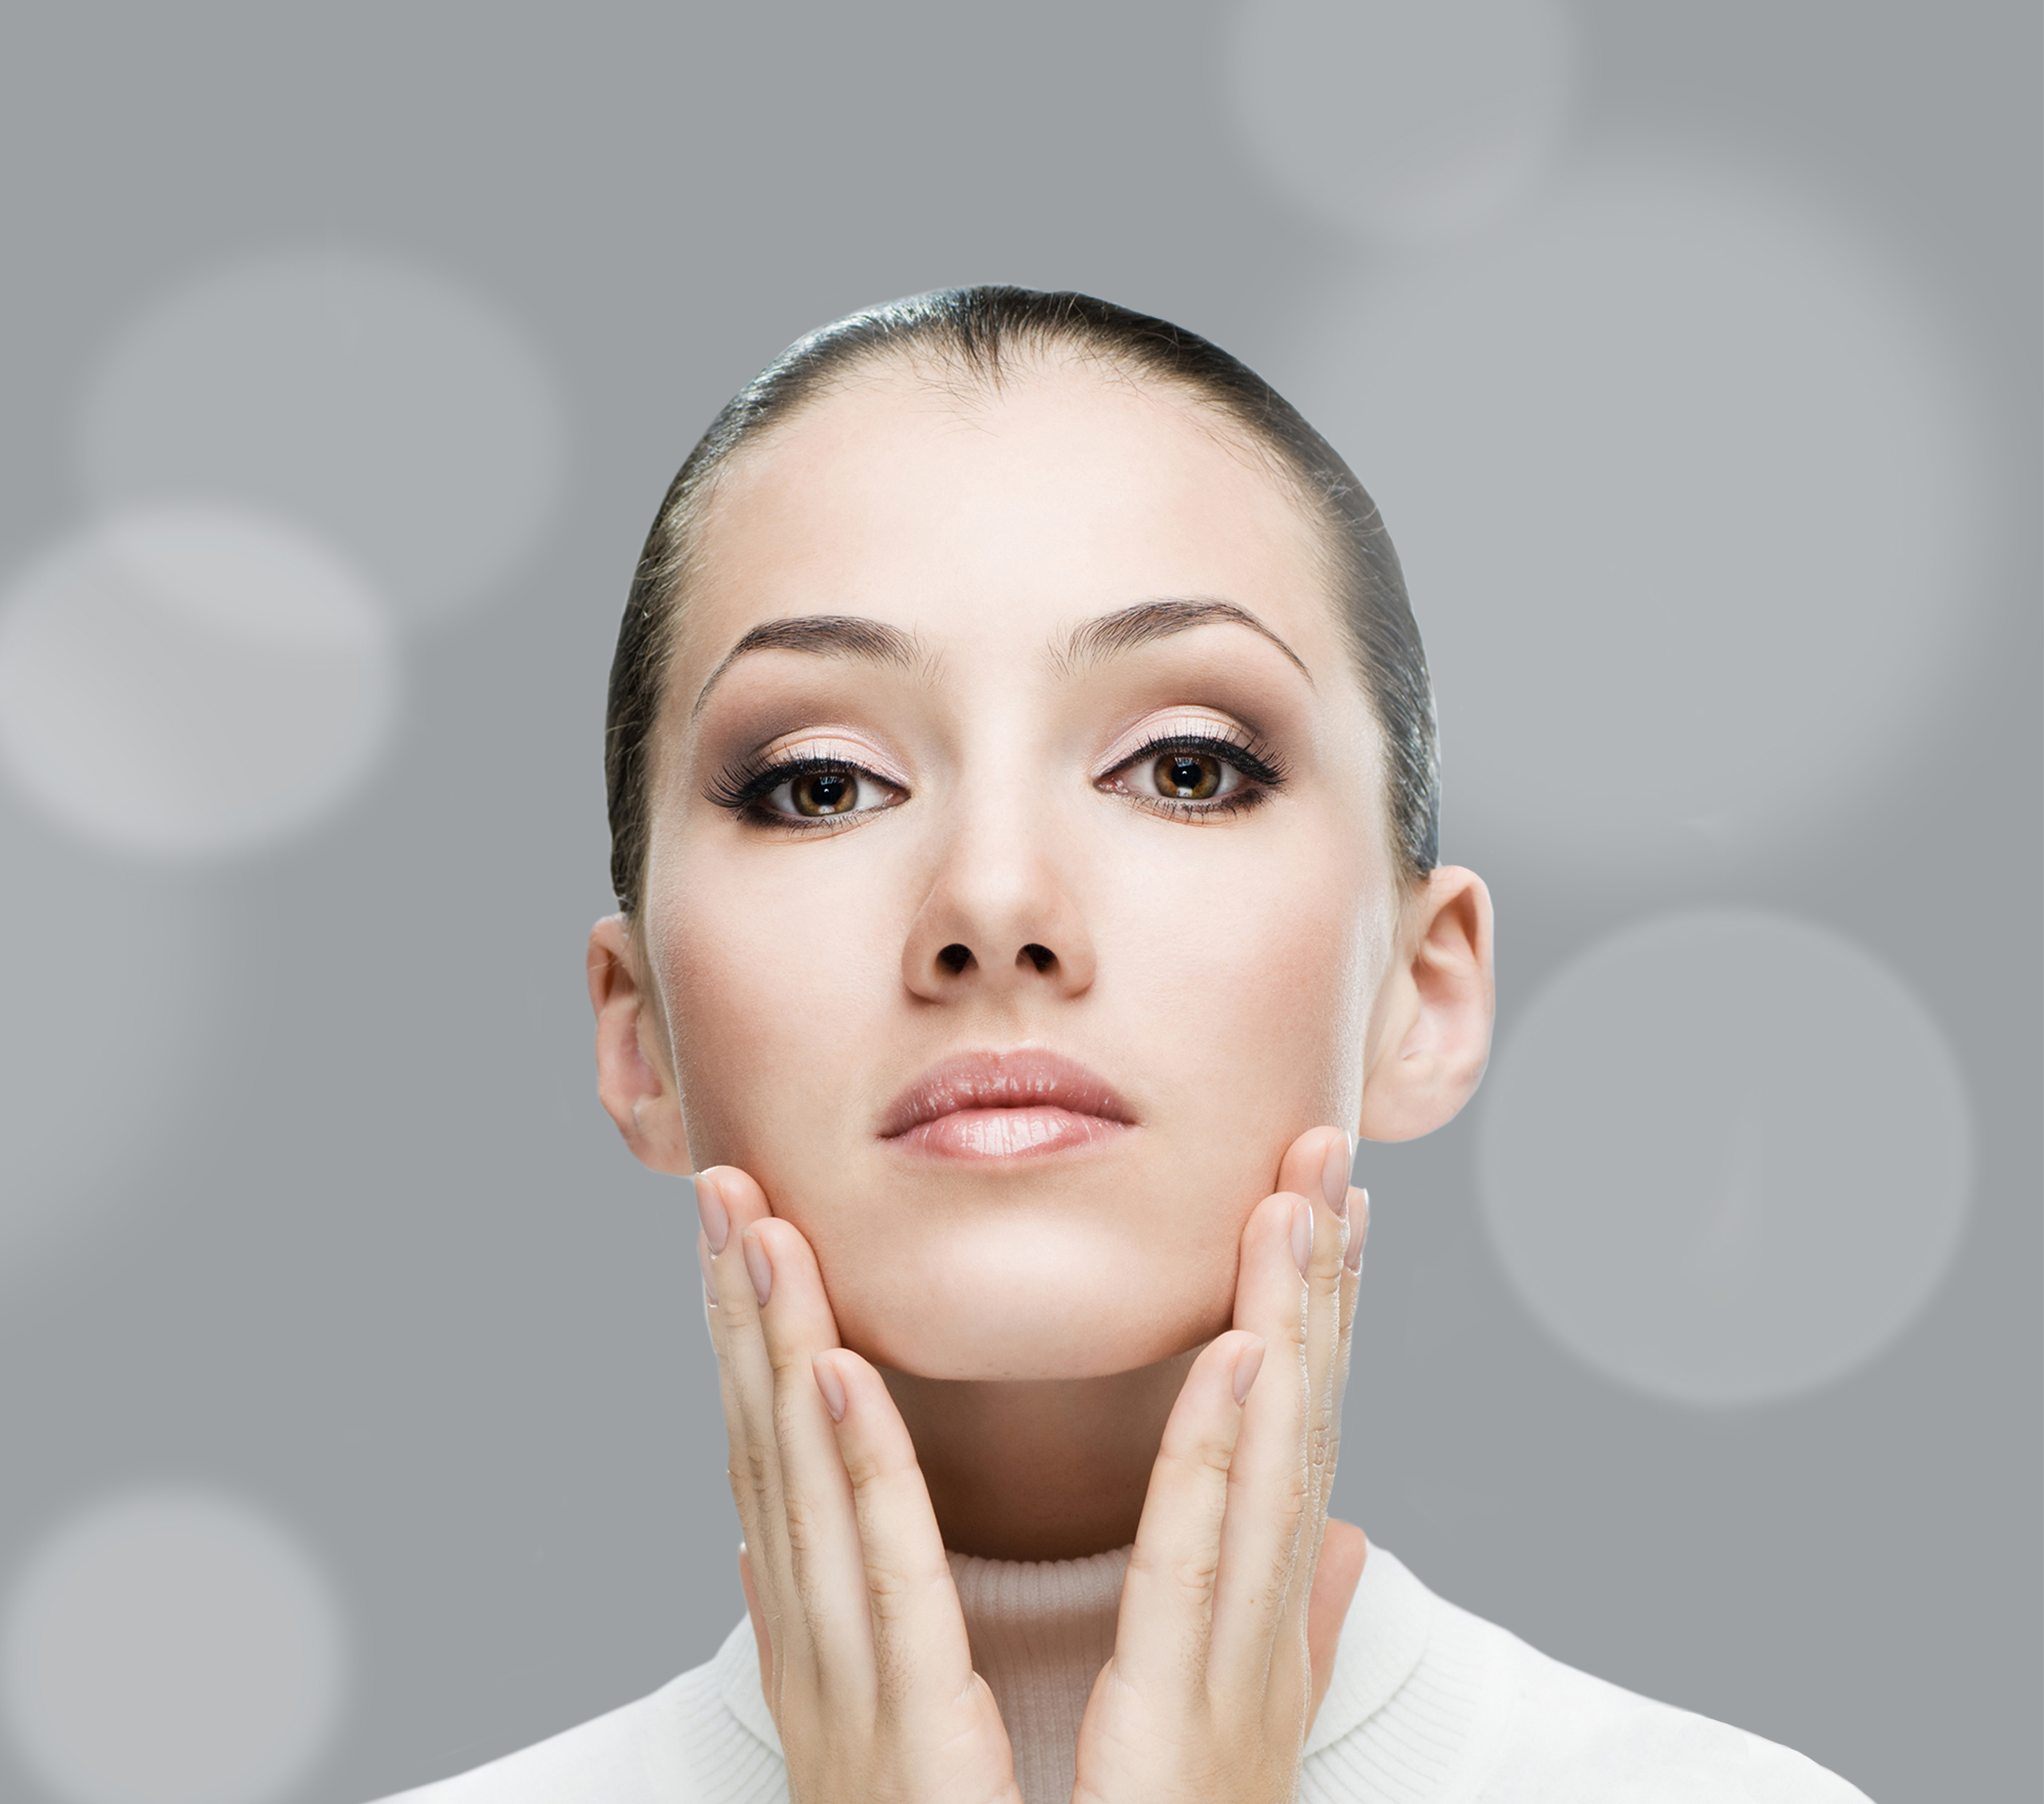 Gesichtshauterfrischung mittels Fruchtsäurepeeling